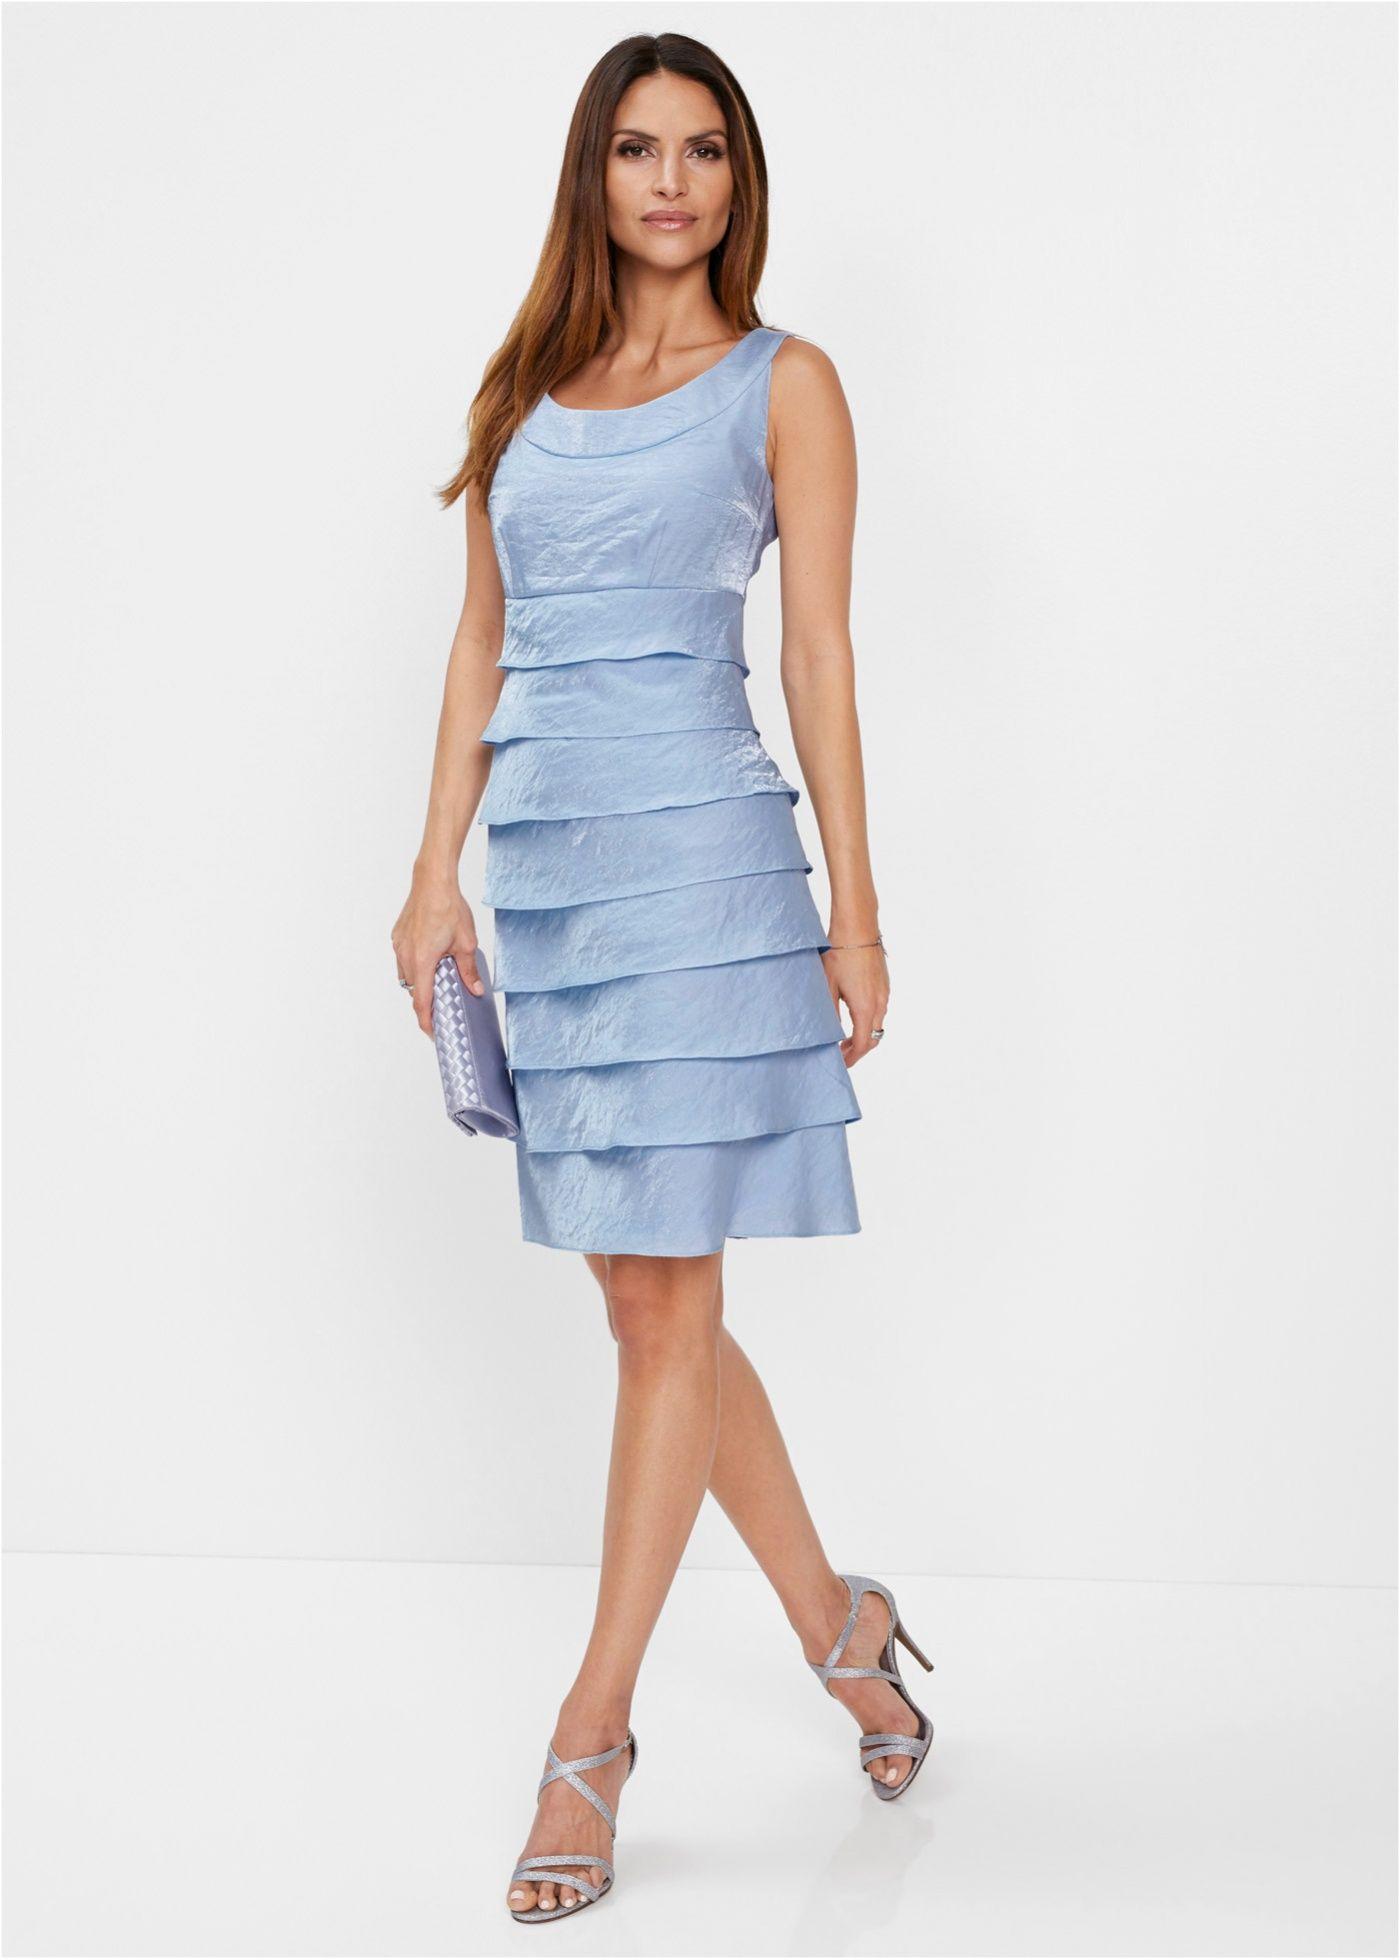 Premium Kleid puderblau jetzt im Online Shop von bonprix.de ab